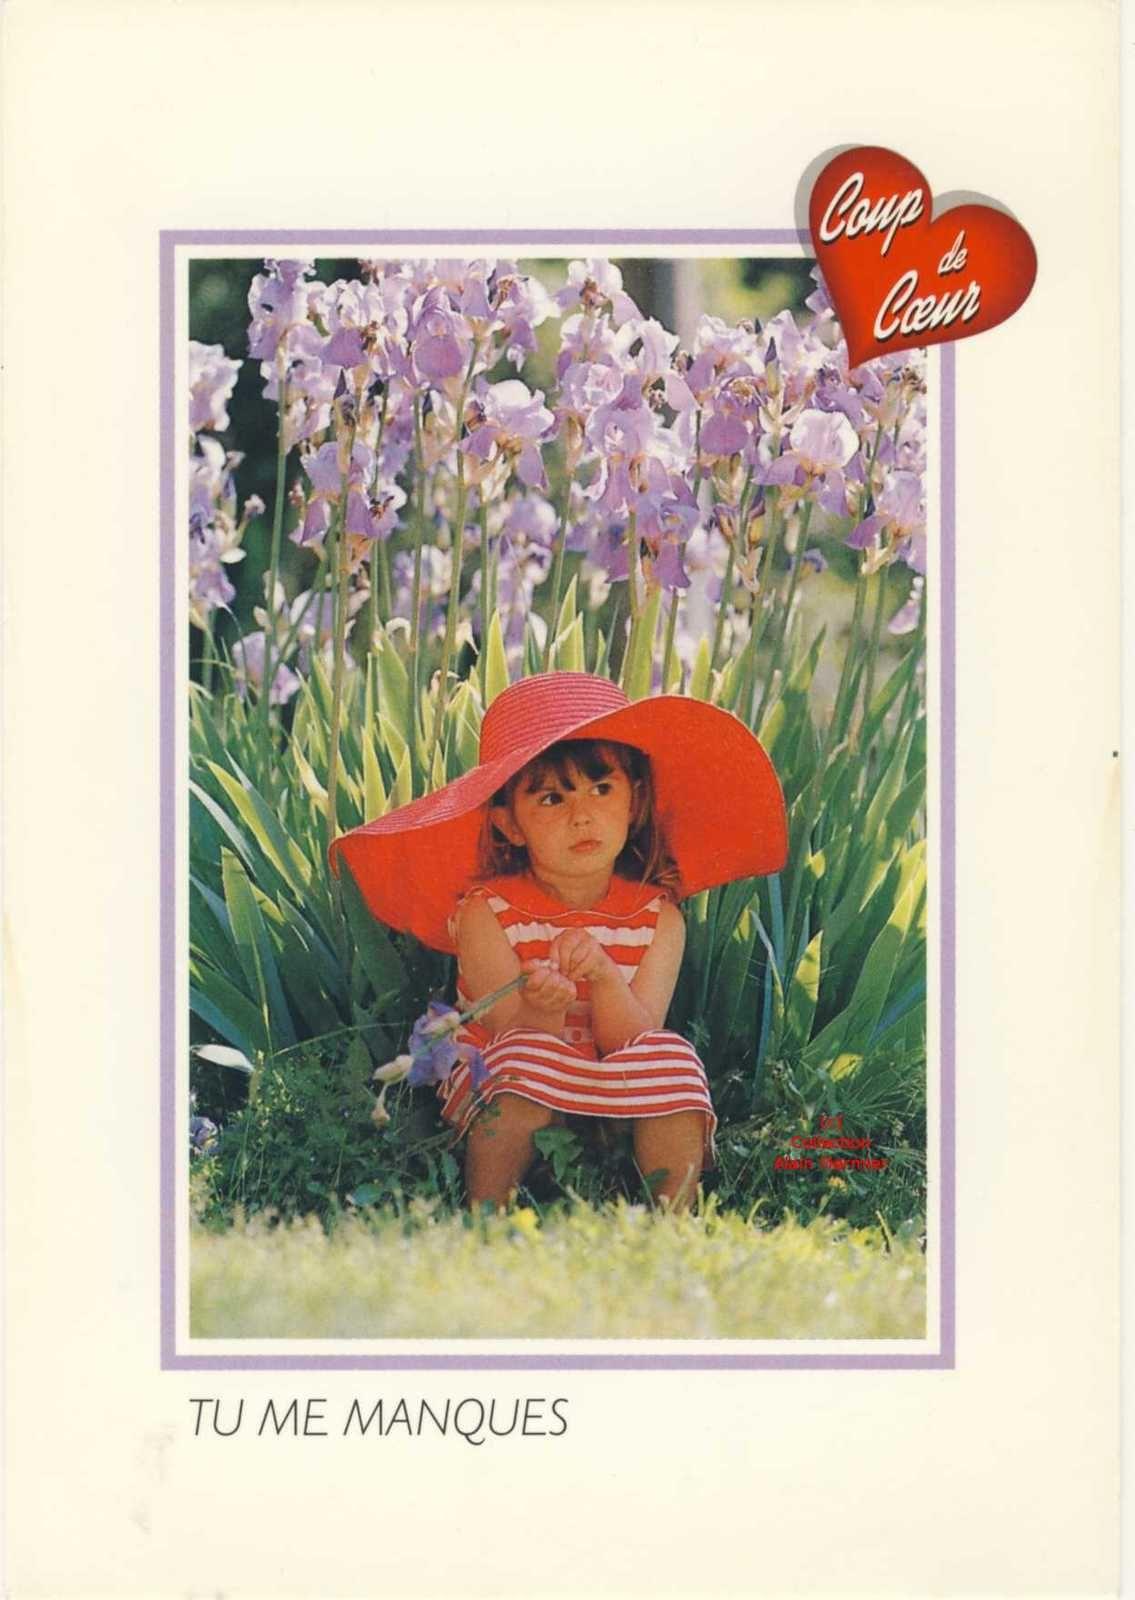 Iris -2274- CPM. Tu me manques. Fillette assise devant des iris.  France.